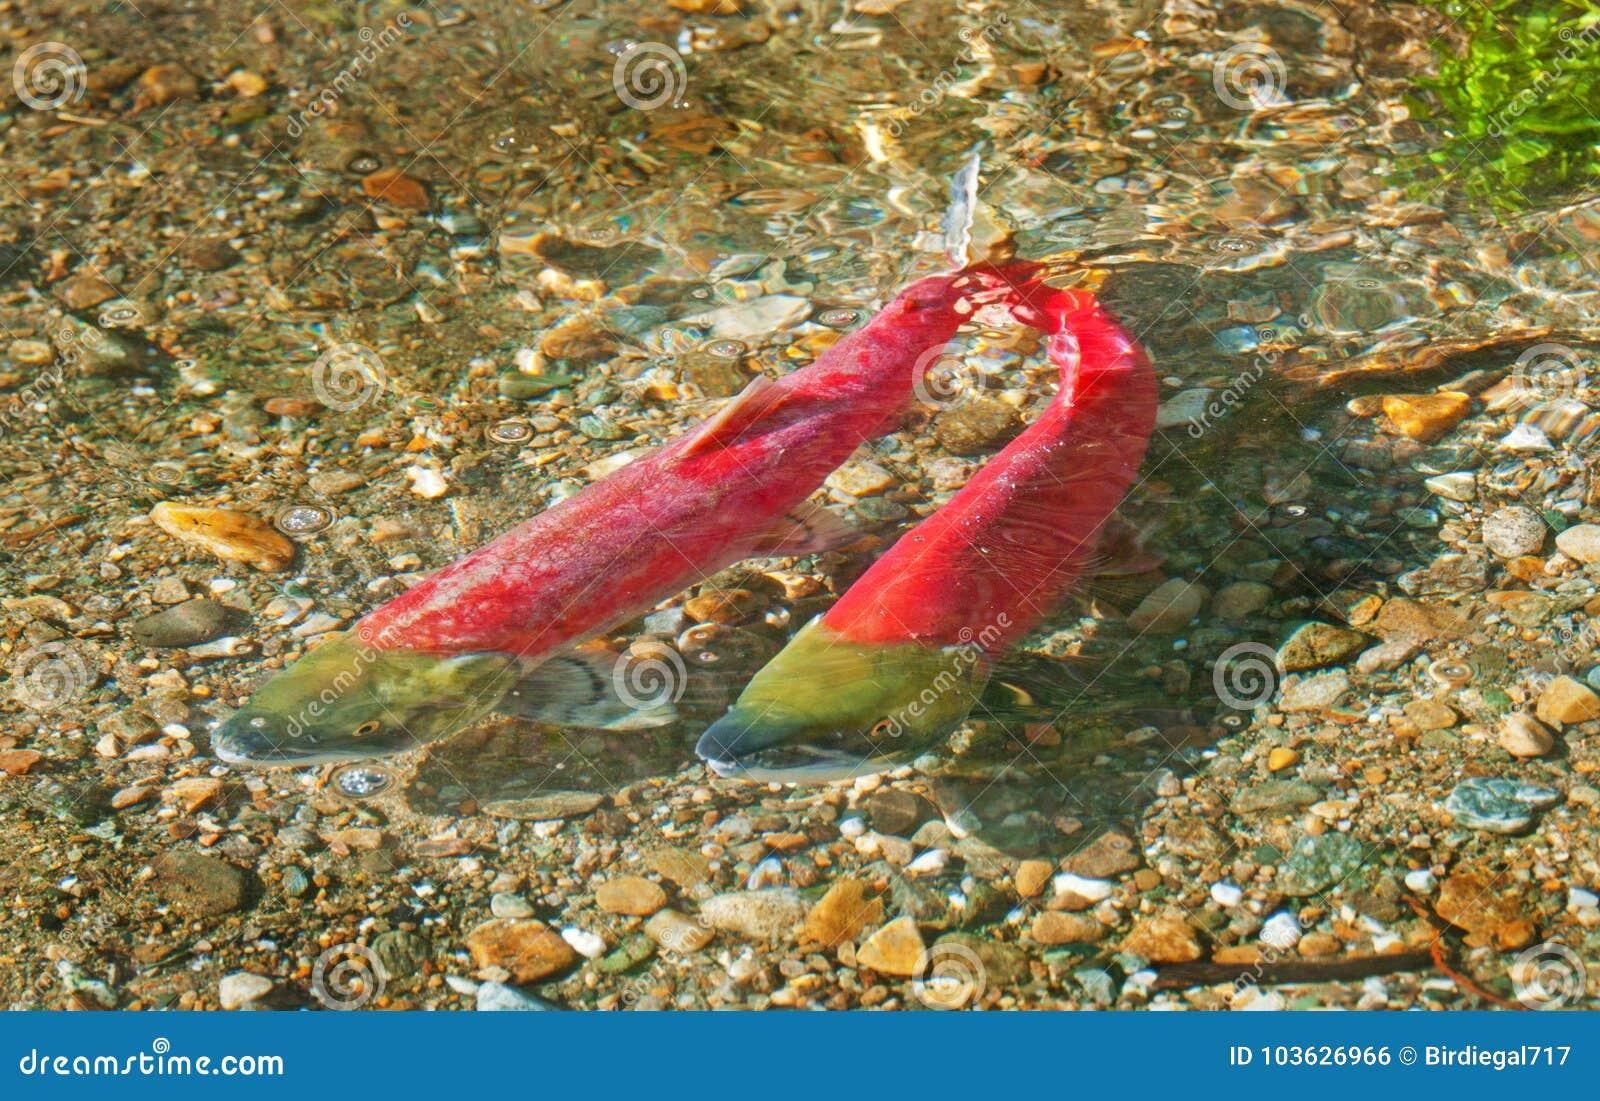 Natação desovando colorida dos salmões de Sockeye no rio, Columbia Britânica, Canadá